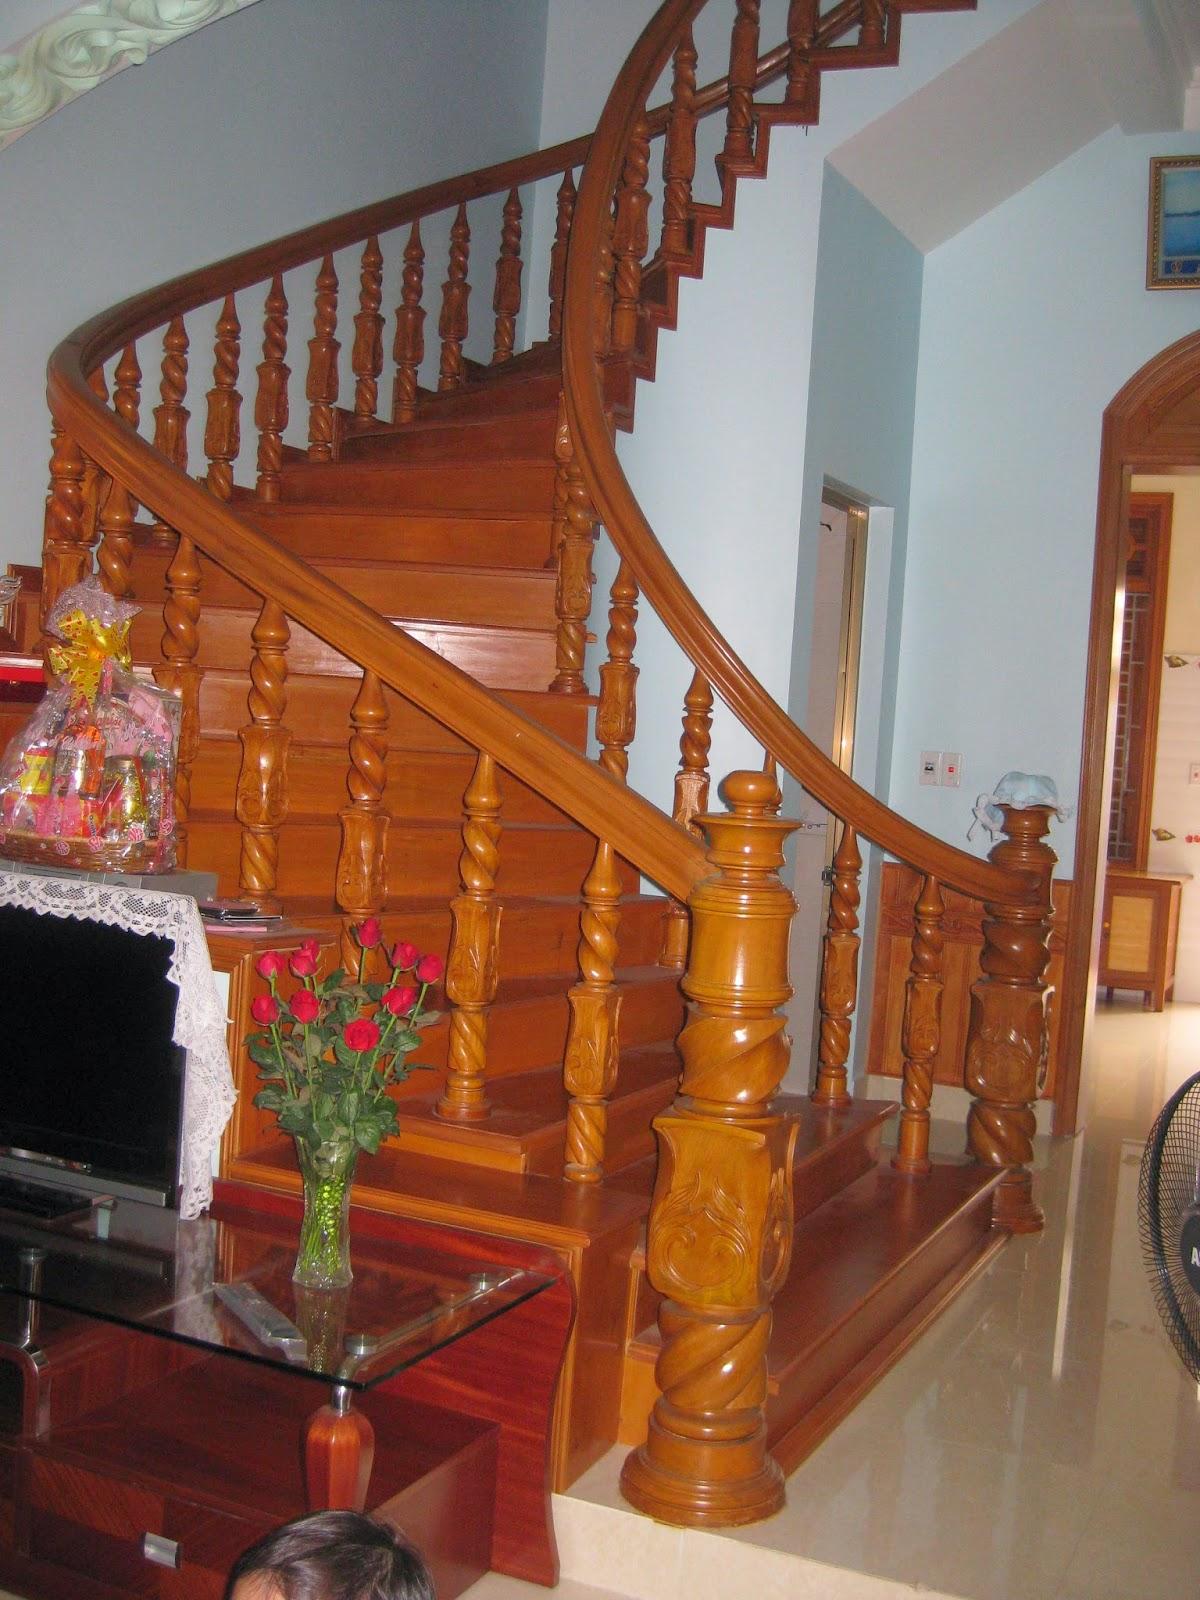 Thợ mộc sửa chữa đồ gỗ tại nhà hà Nội.Phú Nam.0906551295 - 6